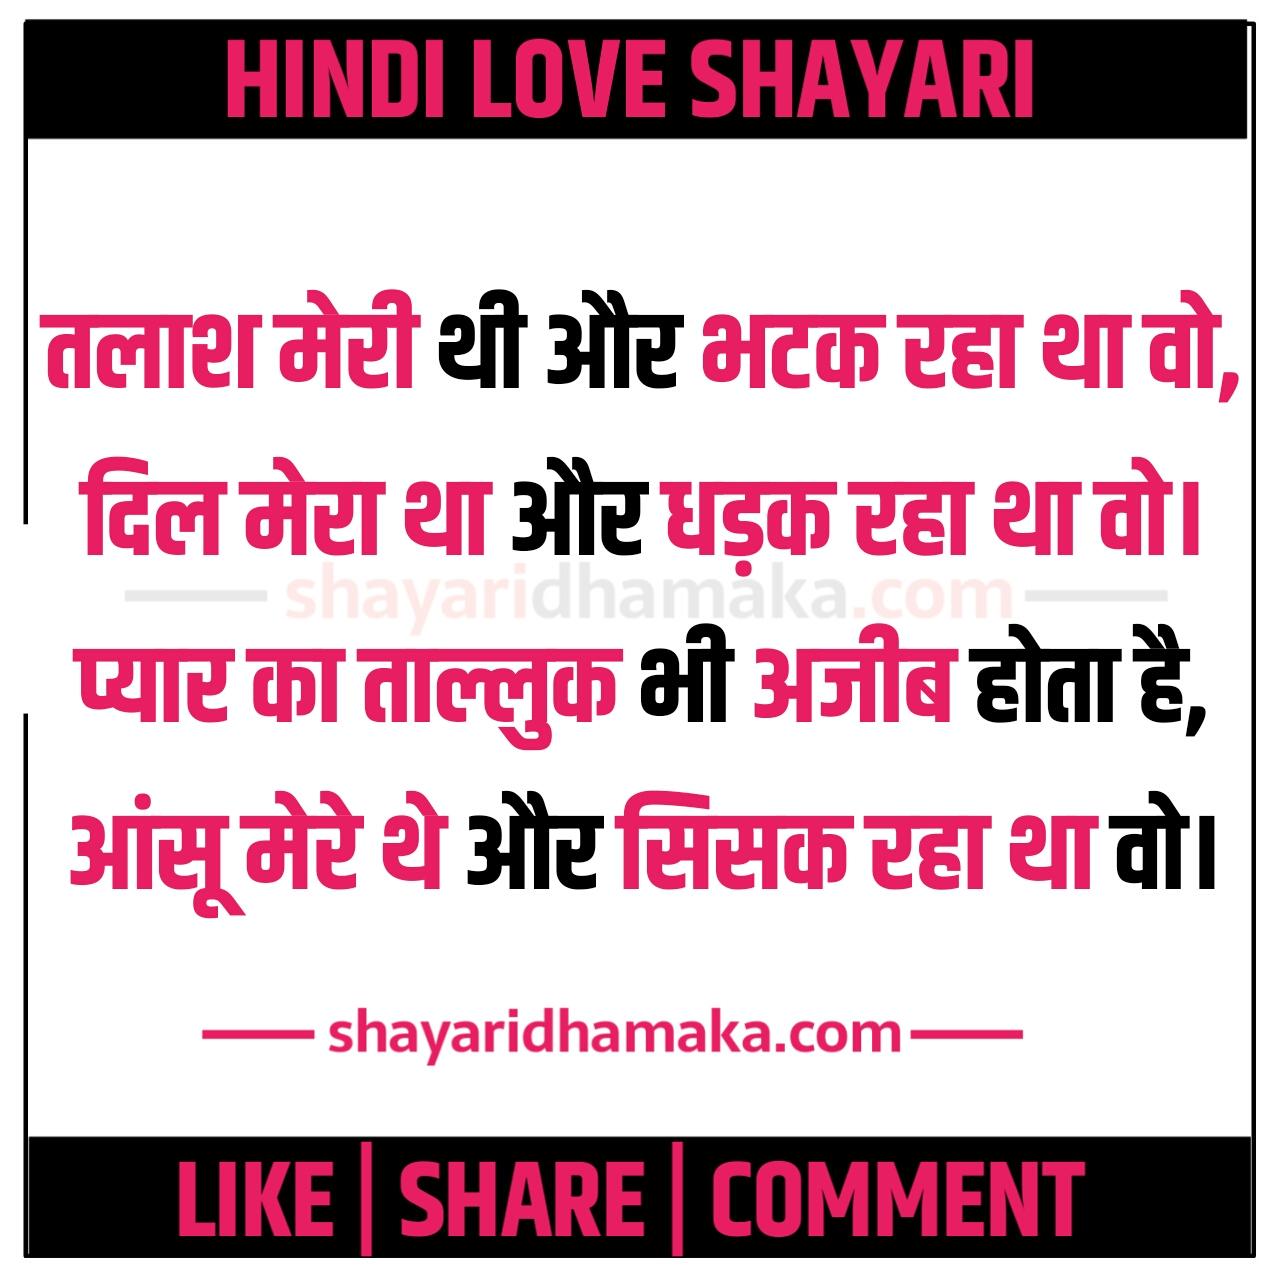 तलाश मेरी थी और - Hindi Love Shayari